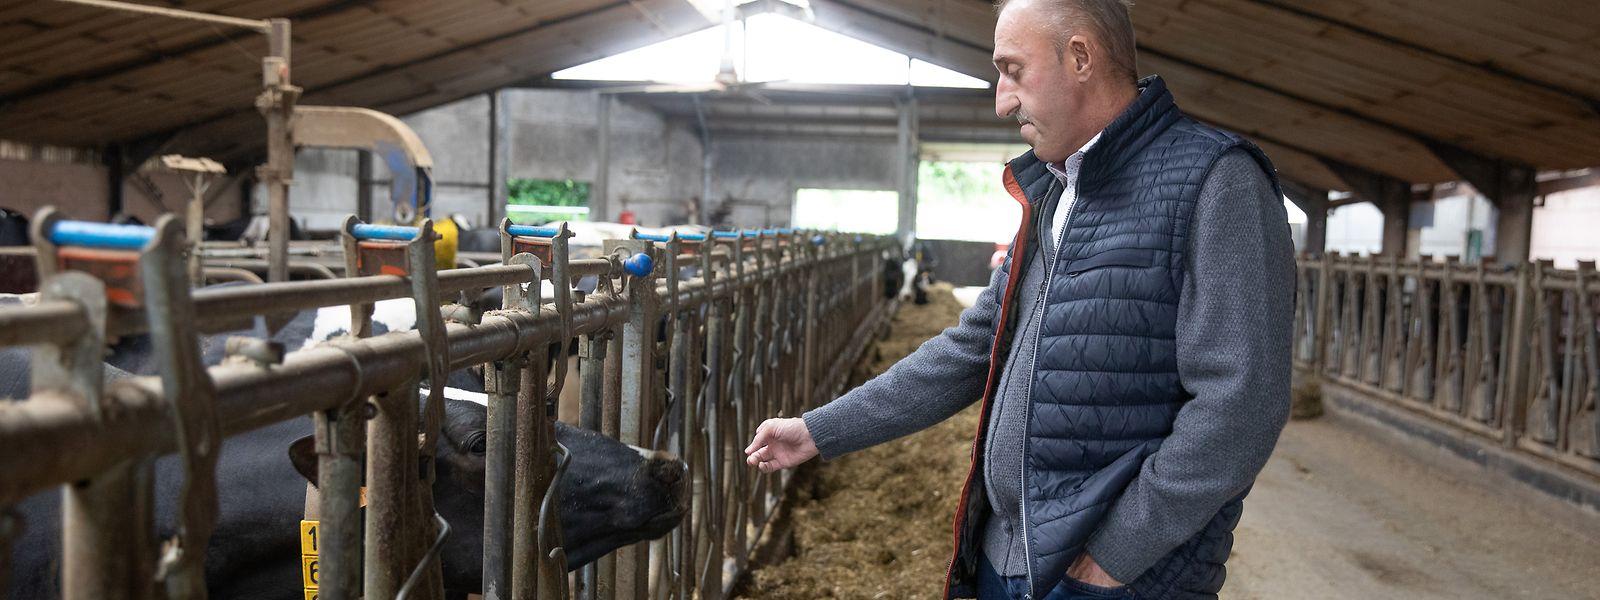 Camille Schroeder betreibt in Küntzig mit seinem Sohn einen Milchviehbetrieb mit etwa 80 Tieren. Um junge Menschen zur Übernahme zu motivieren, müsse man positiv über den Beruf reden.